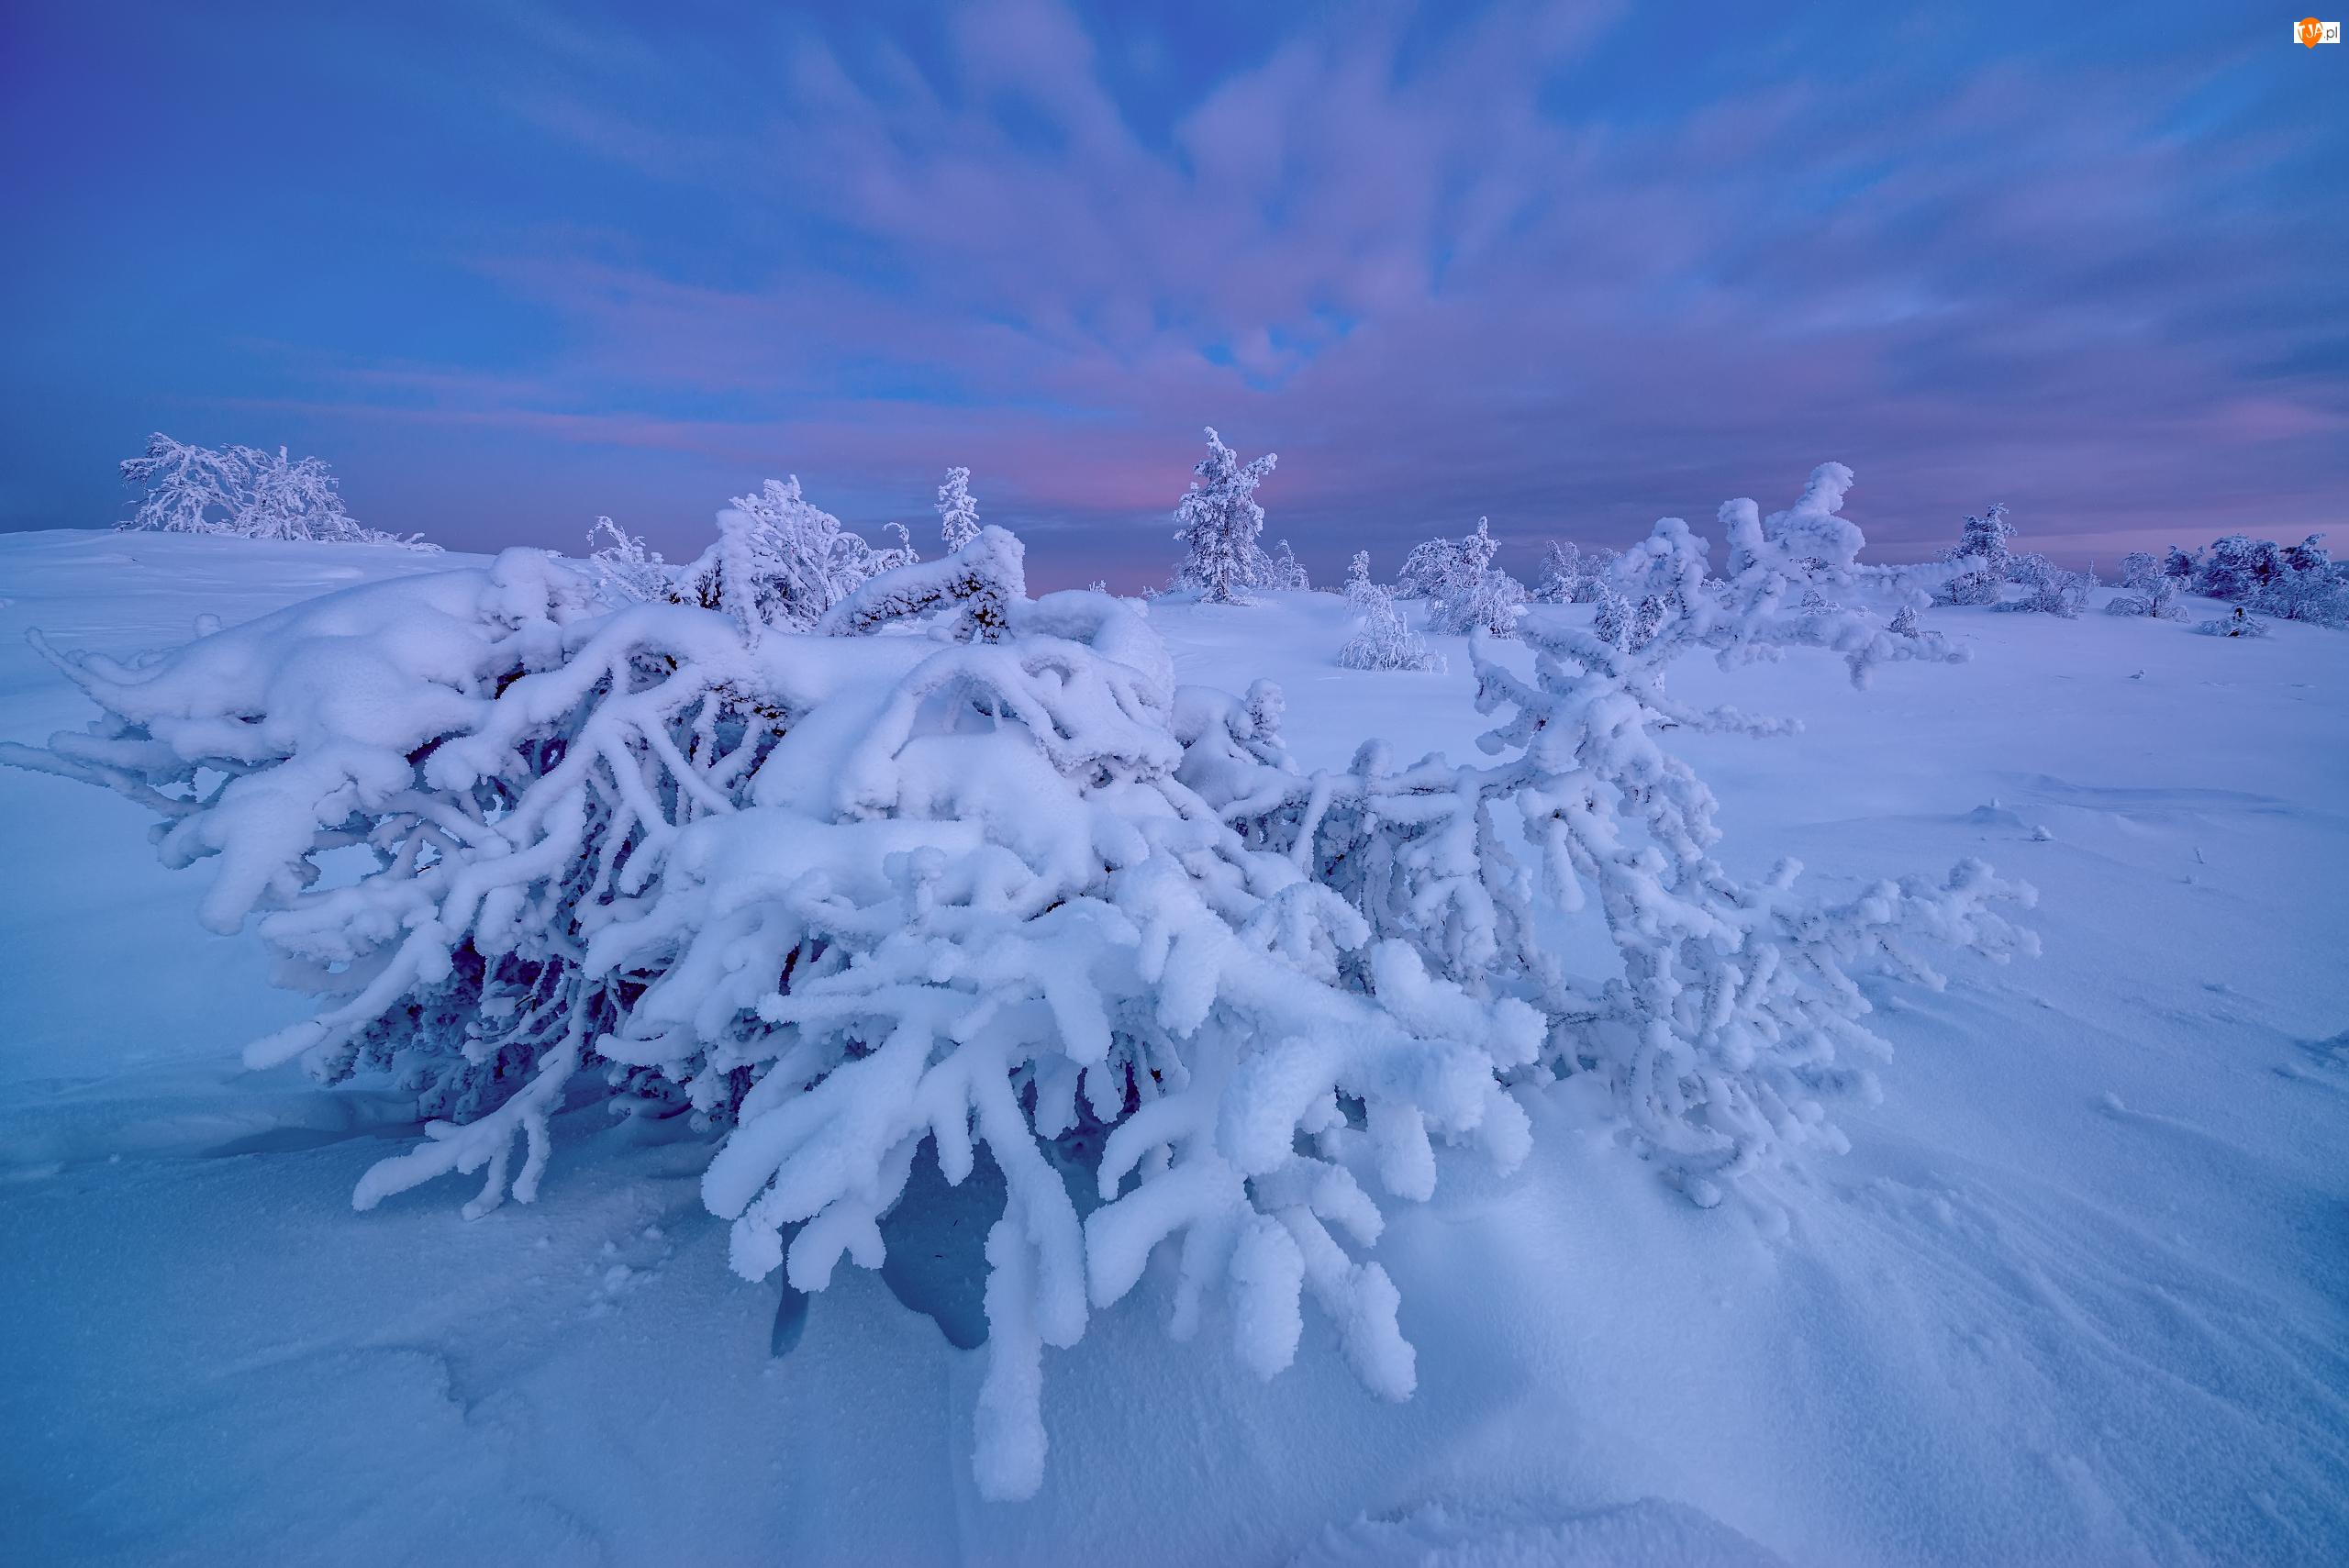 Kandałaksza, Zima, Rośliny, Obwód murmański, Śnieg, Krzewy, Rosja, Ośnieżone